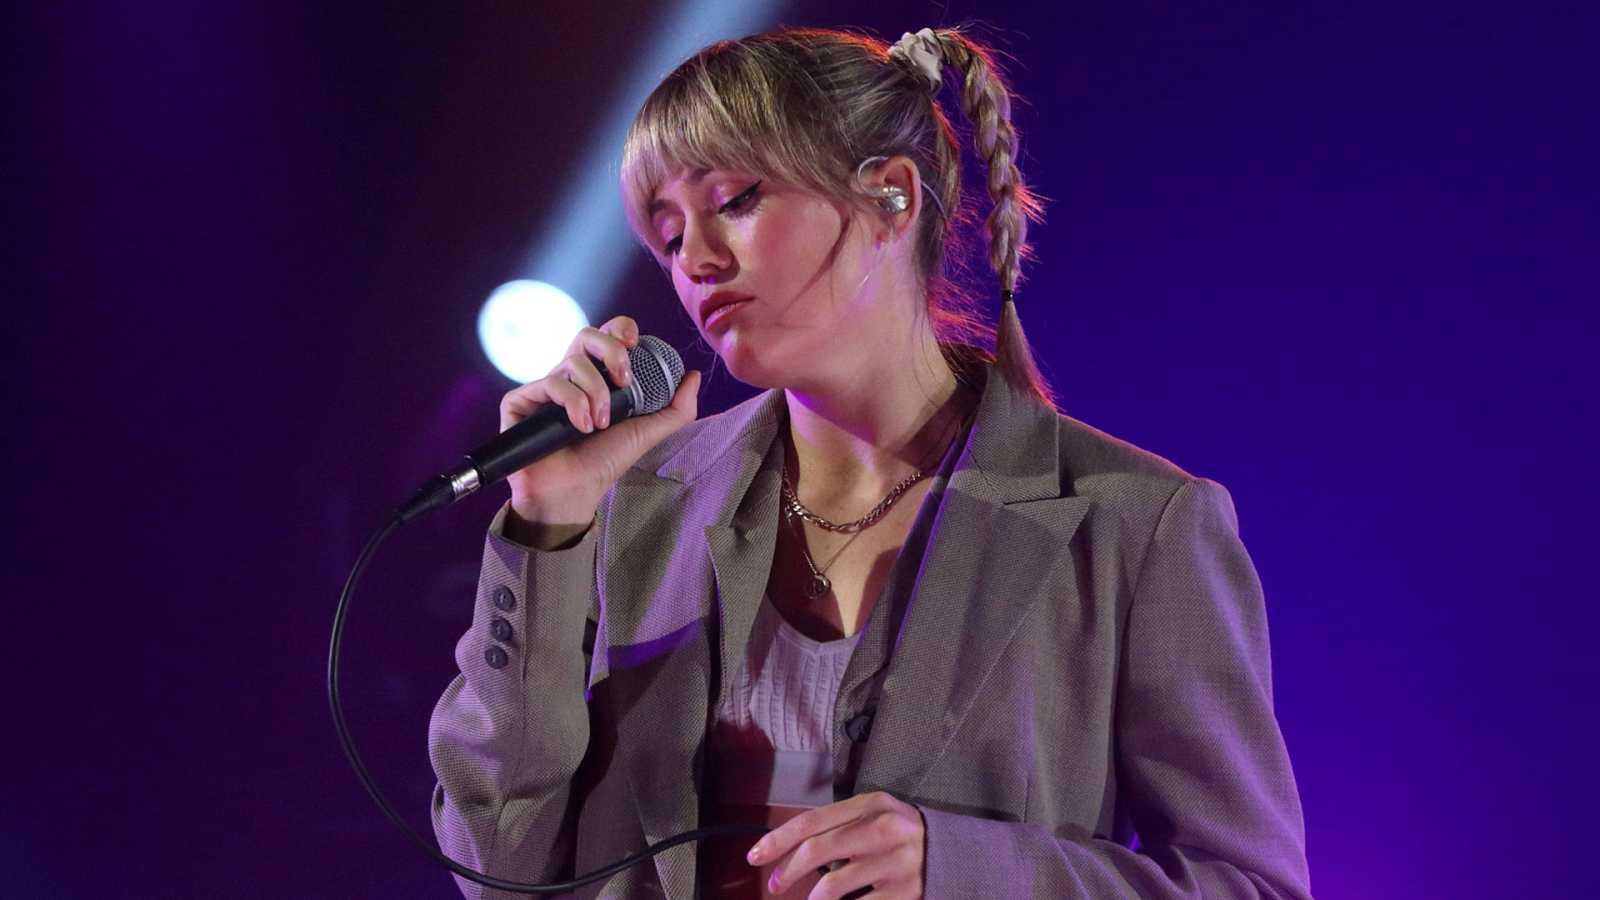 Los conciertos de Radio 3 - Kimberley Tell - 25/11/20 - escuchar ahora